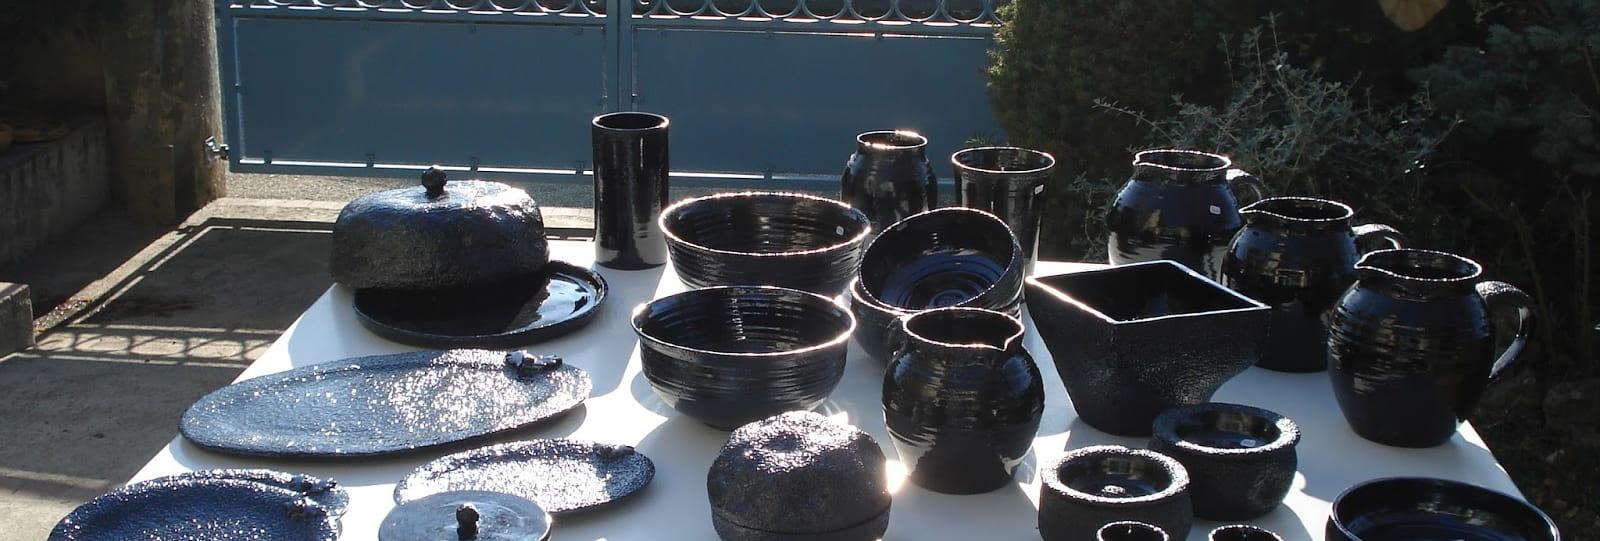 Cours de poterie (modelage et tournage) chez C.Bonenfant